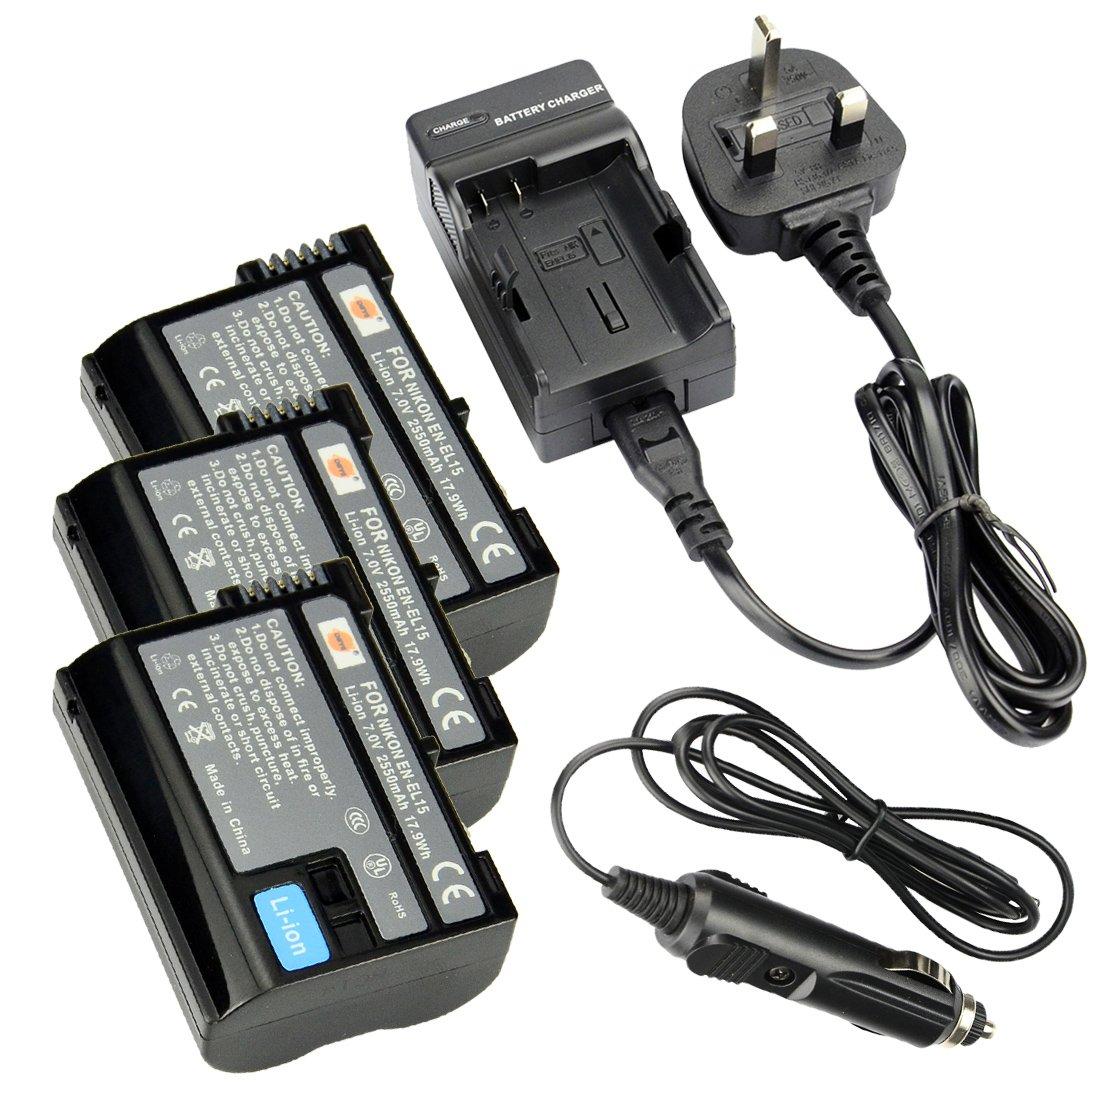 3 x EN-EL15 DSTE Batería recargable de litio-ión + DC113U de viaje ...